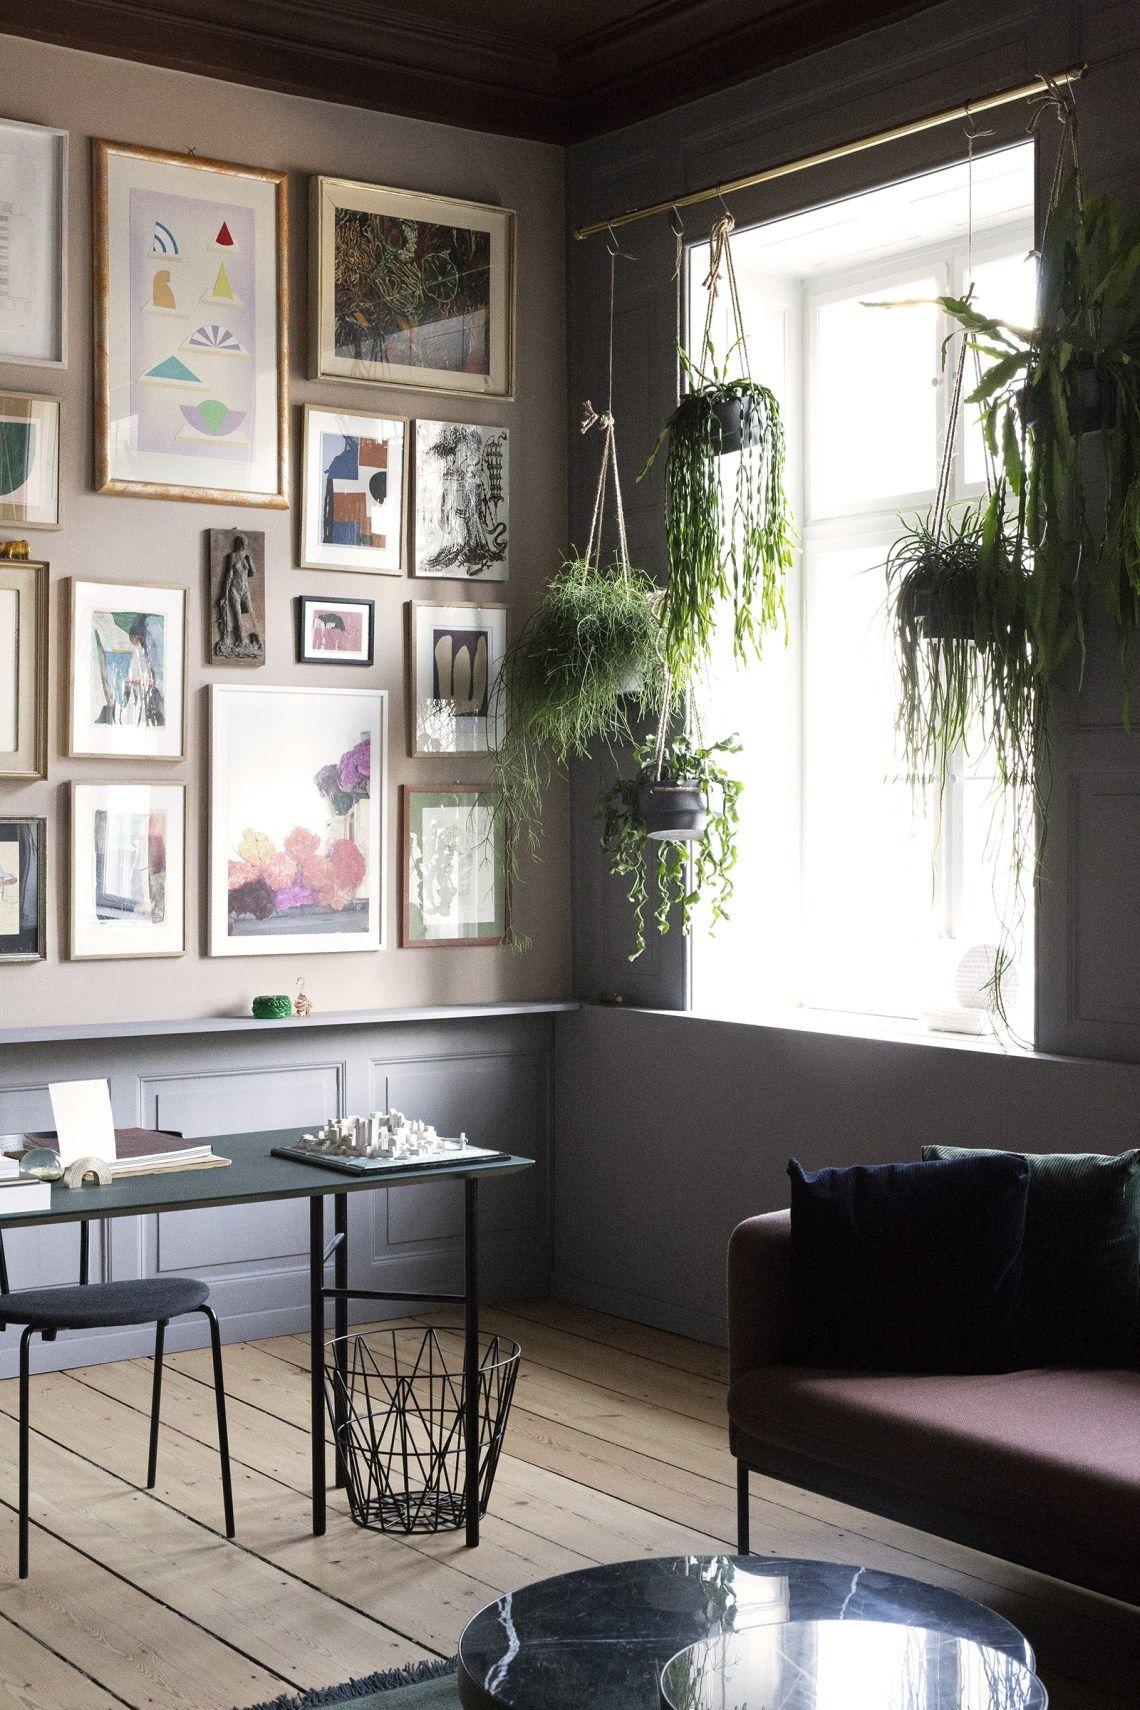 Ferm Living Home Coco Lapine Design Home Decor Decor Home Interior Design